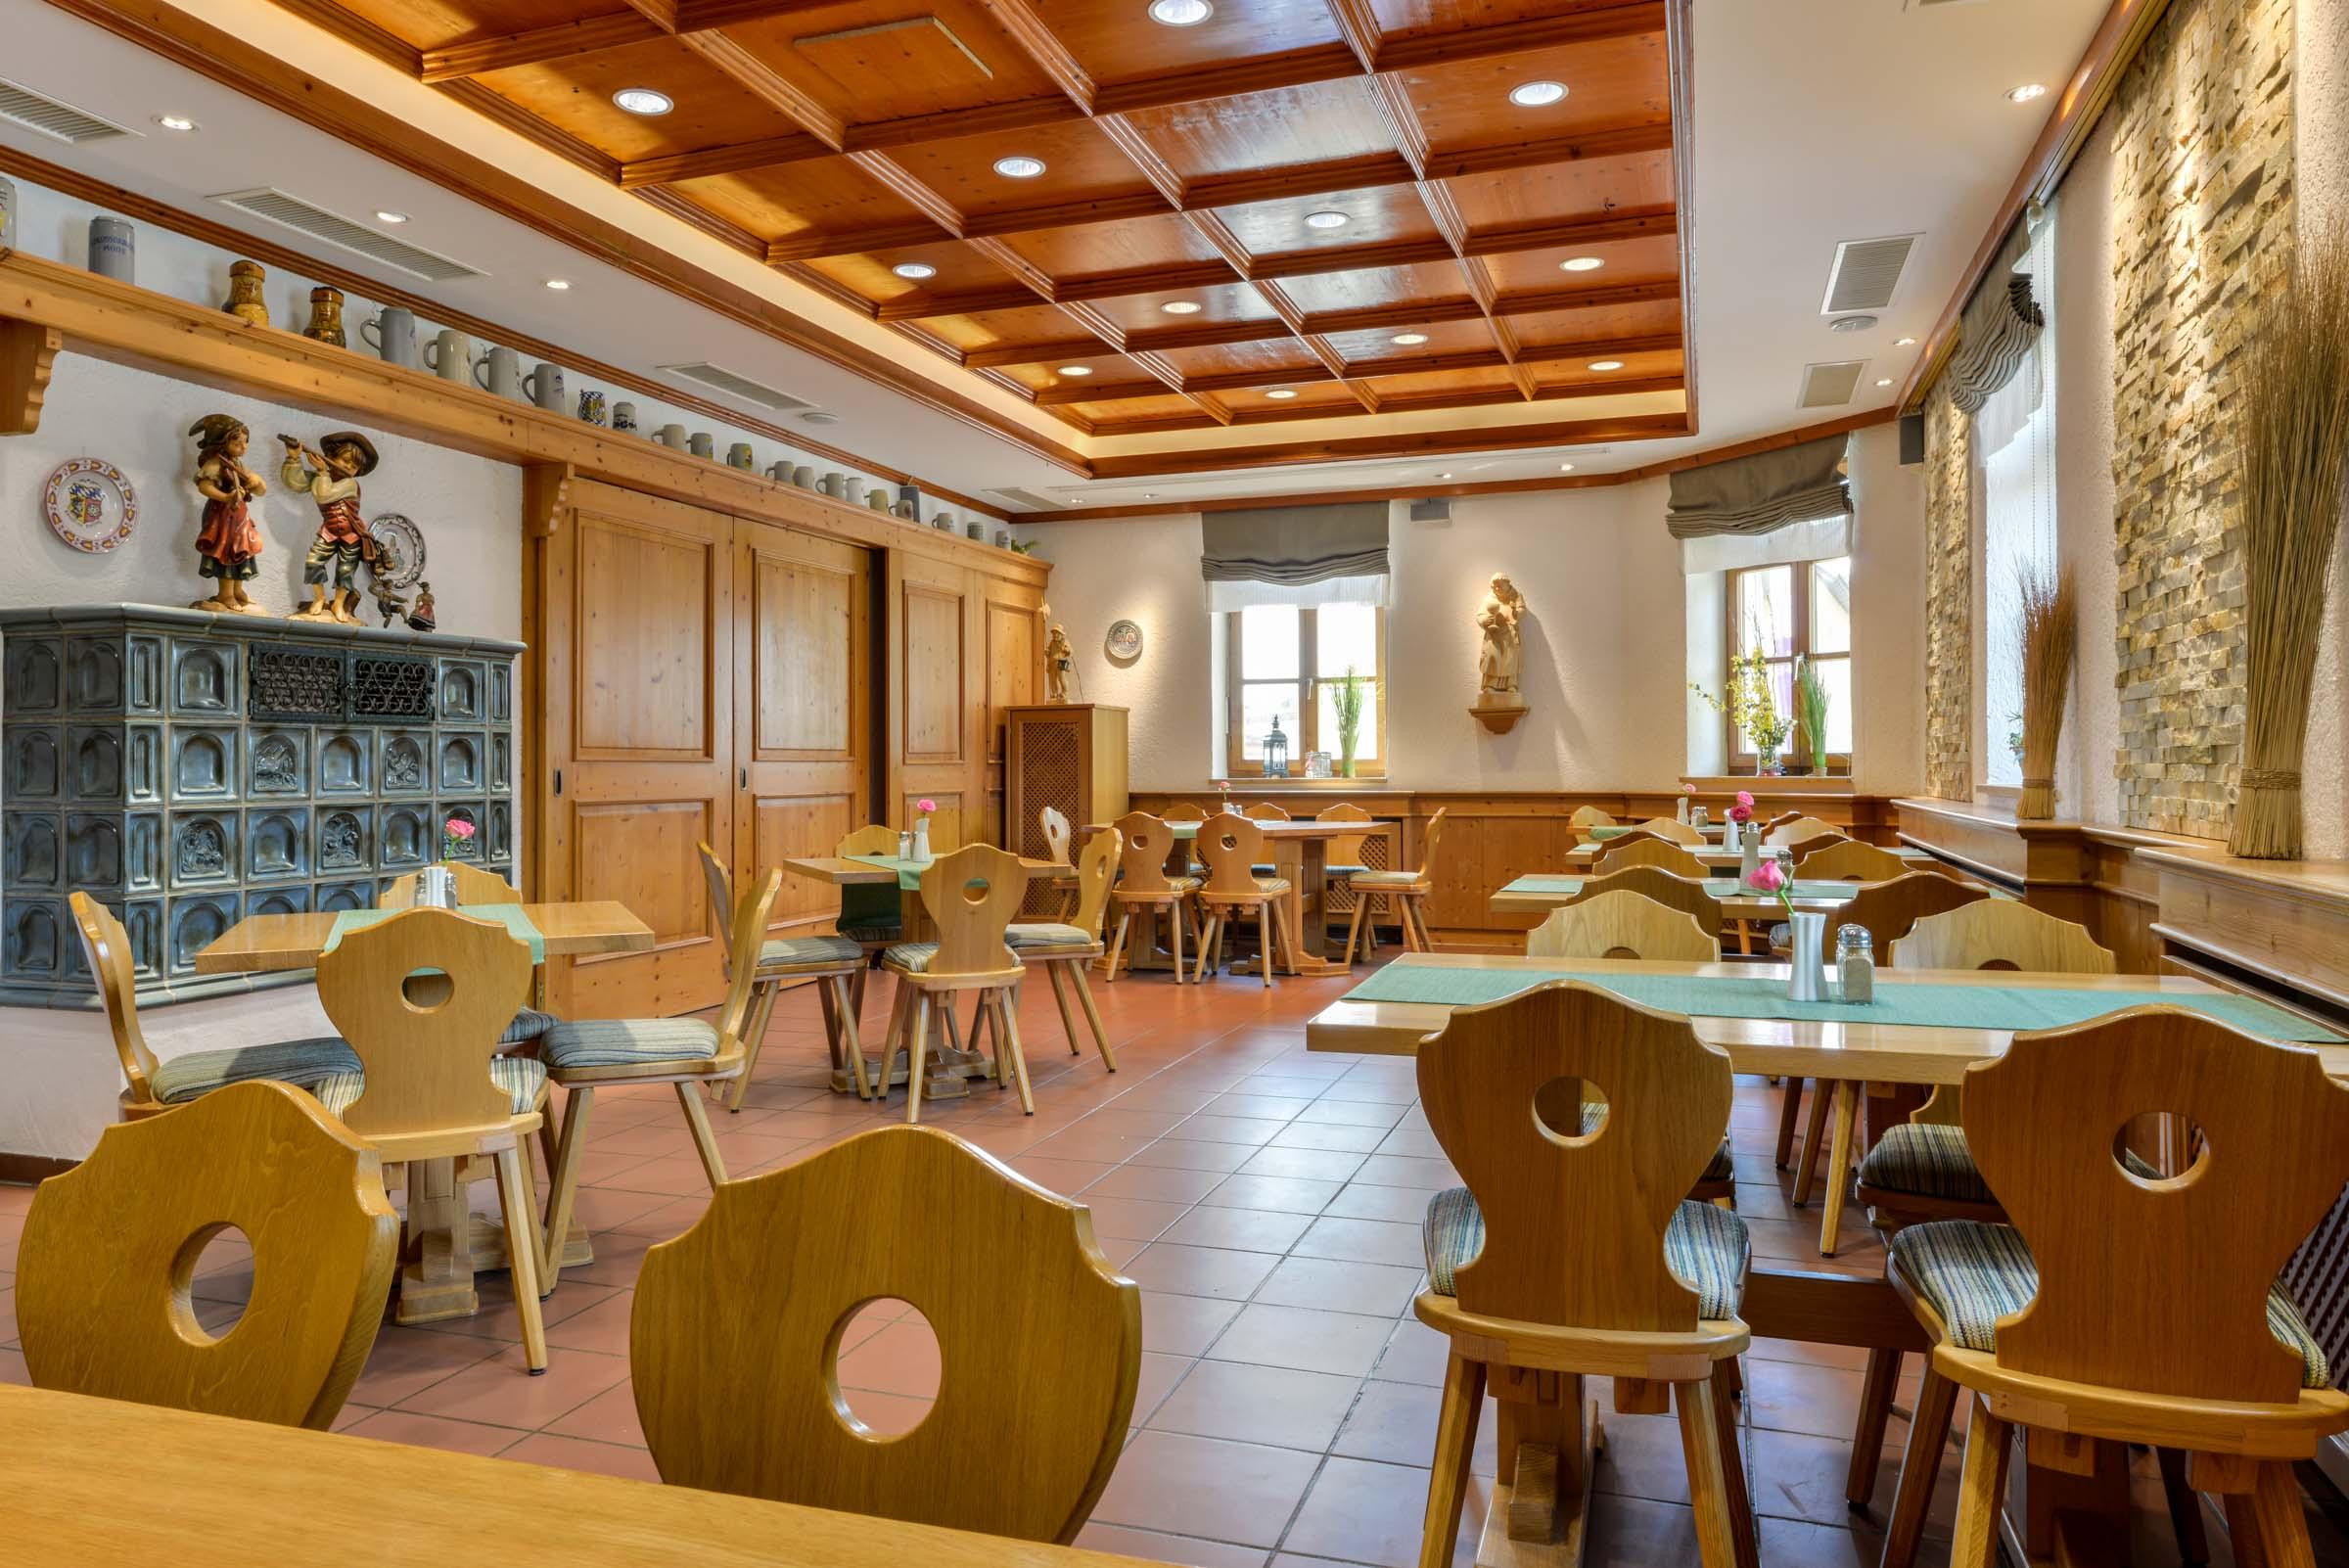 Bayrisches Restaurant am Flughafen München